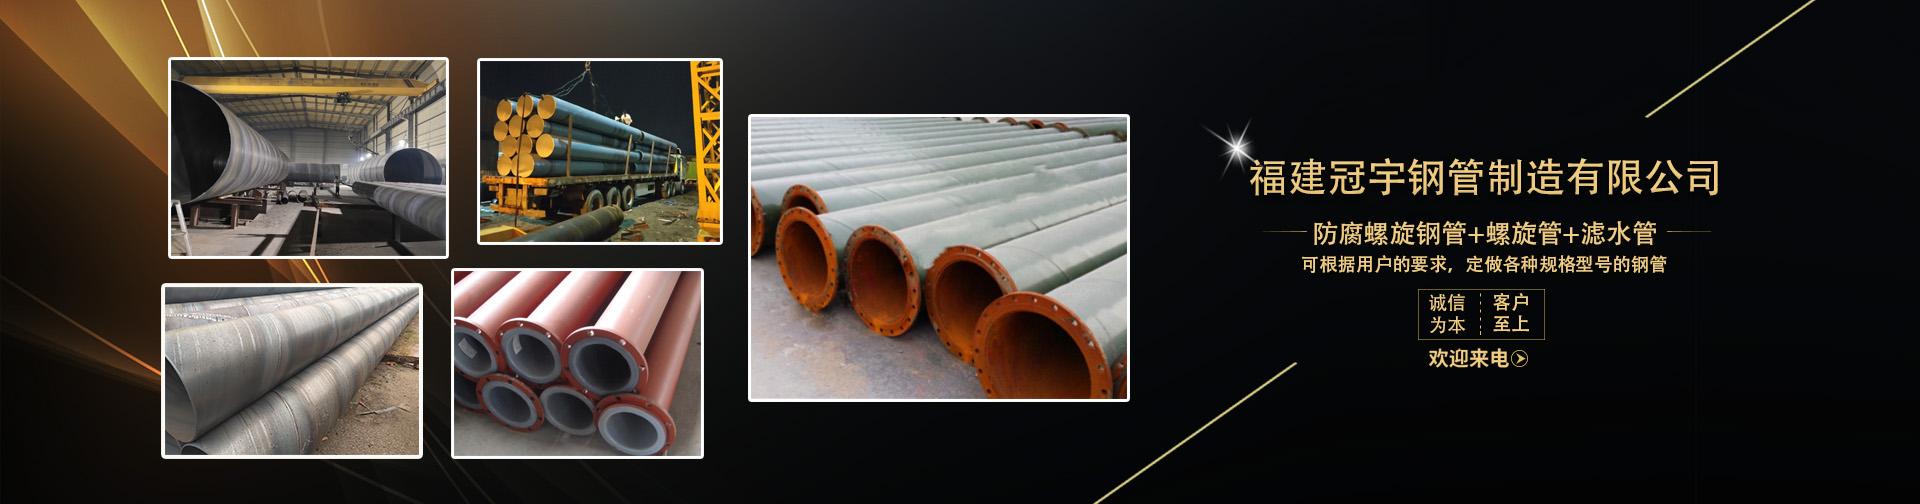 福建冠宇钢管产品介绍